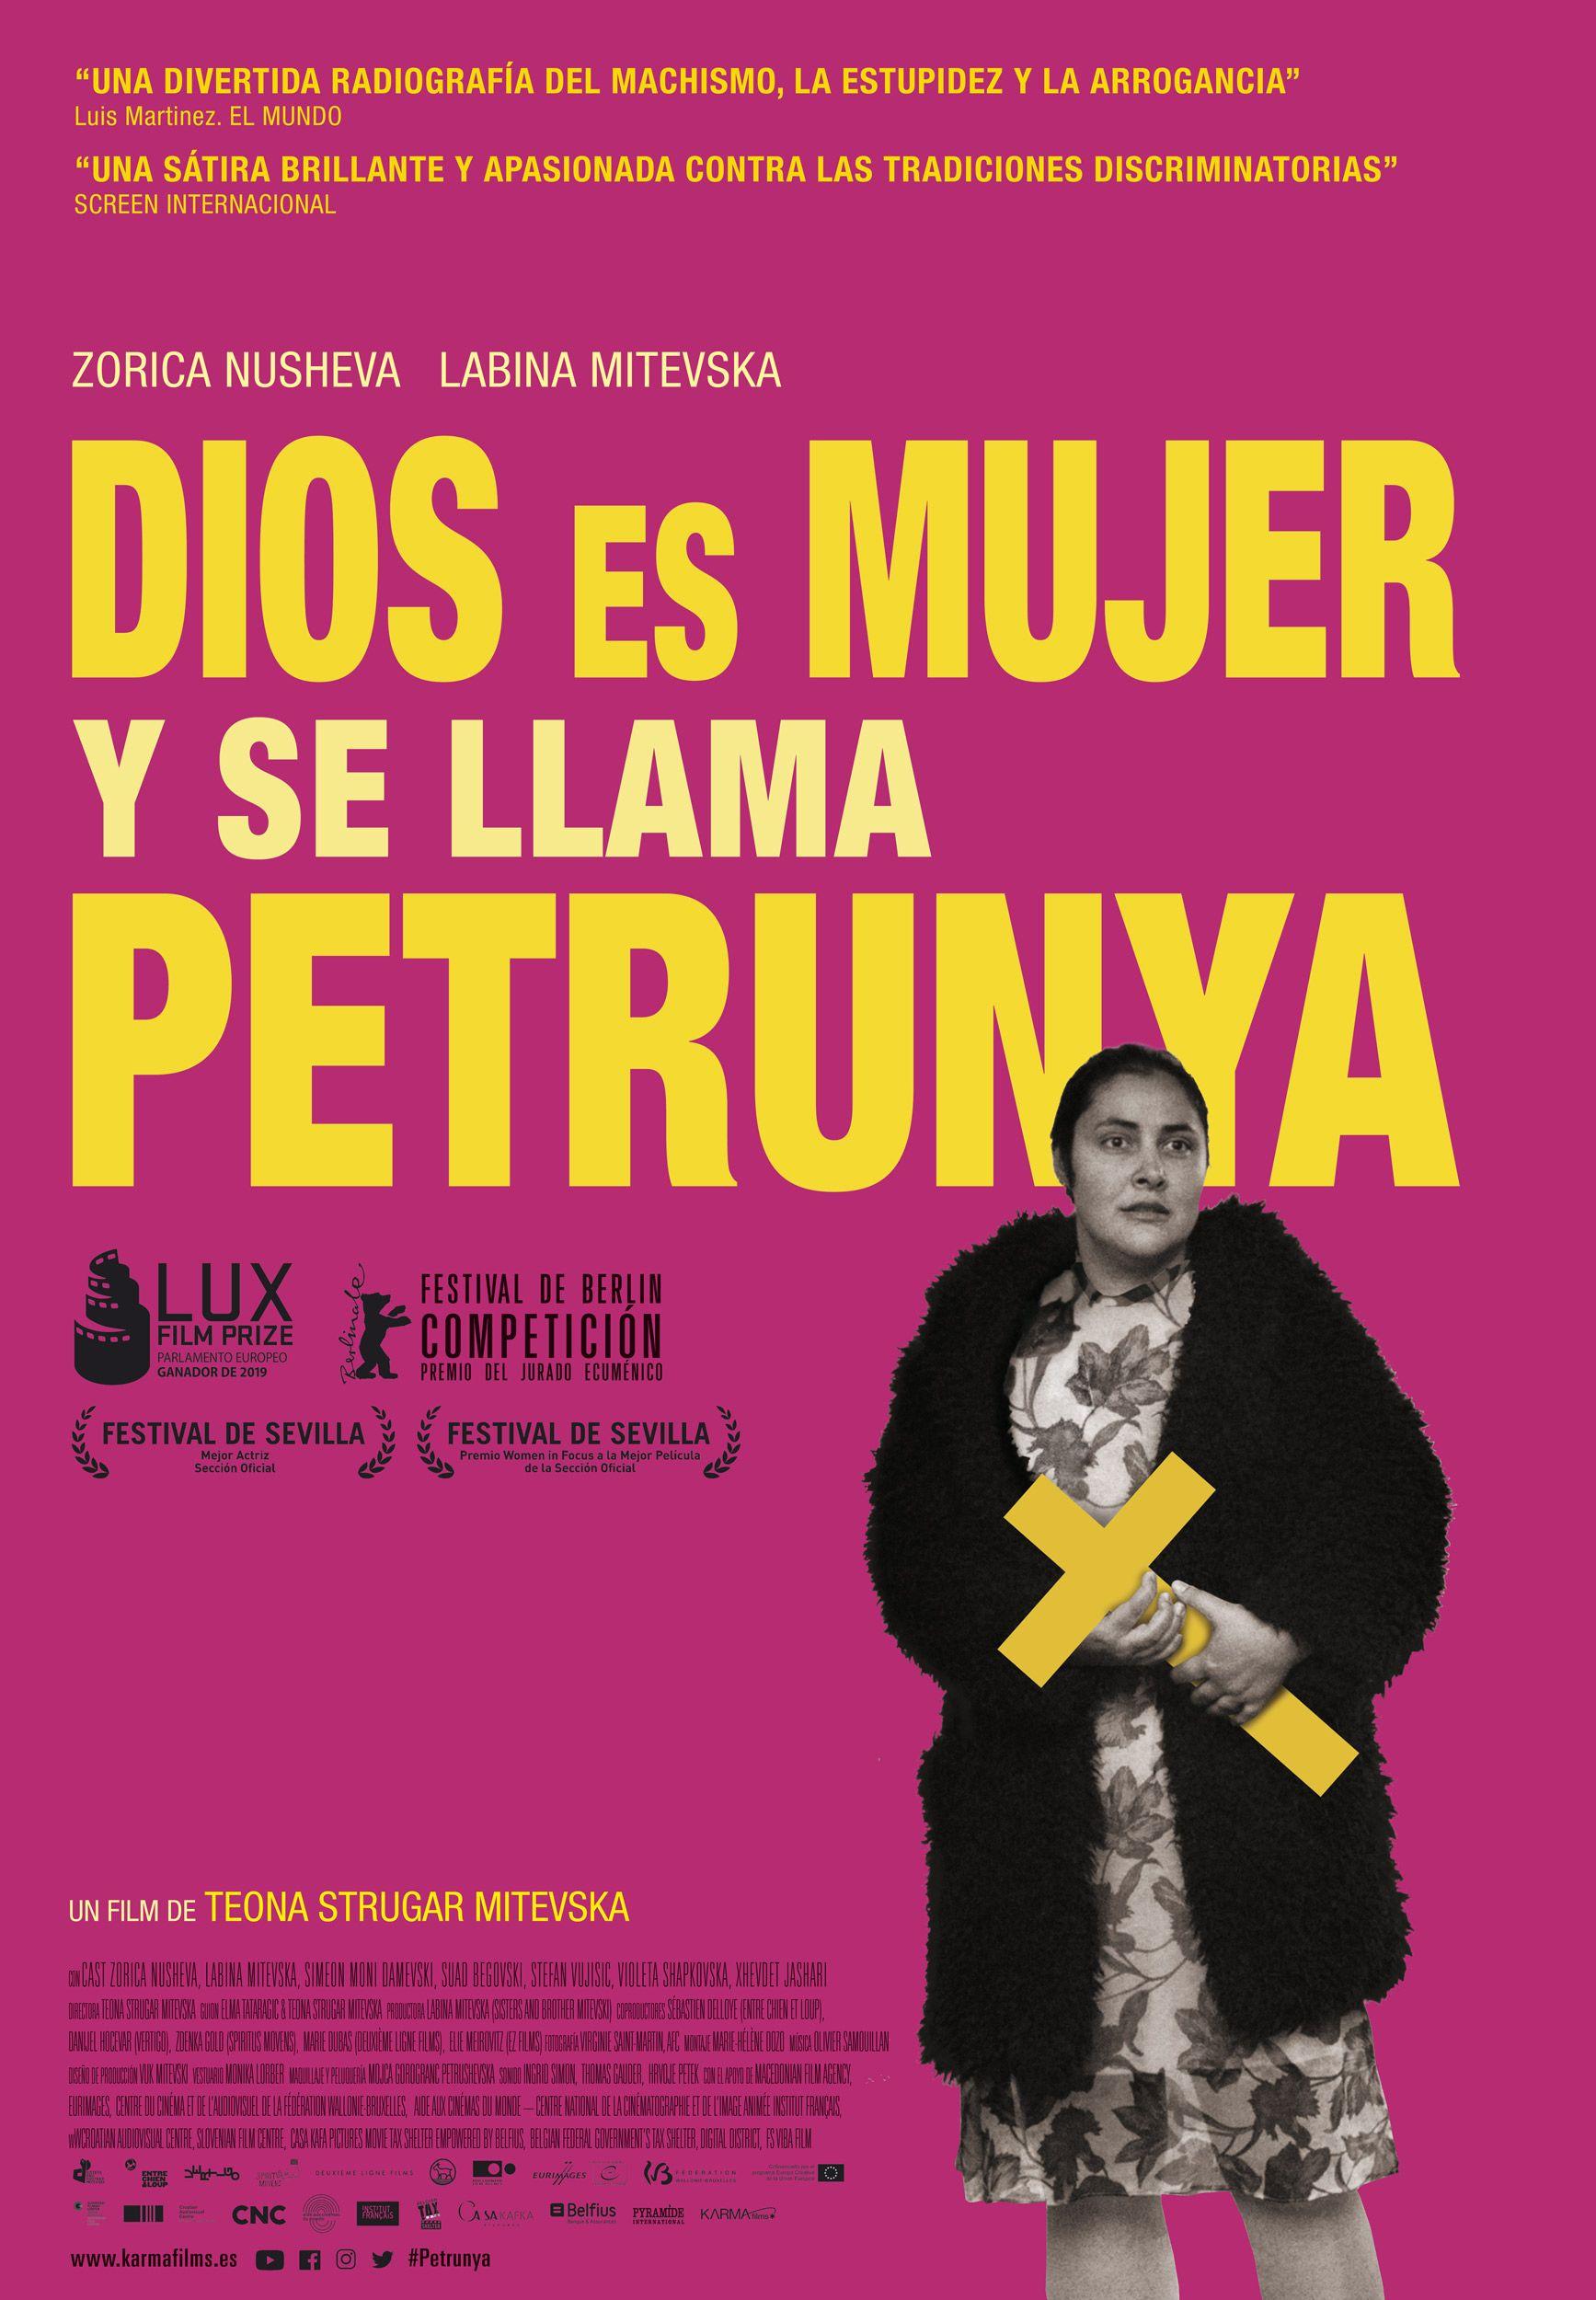 'Dios es mujer y se llama Petrunya': Desacertada crítica al machismo